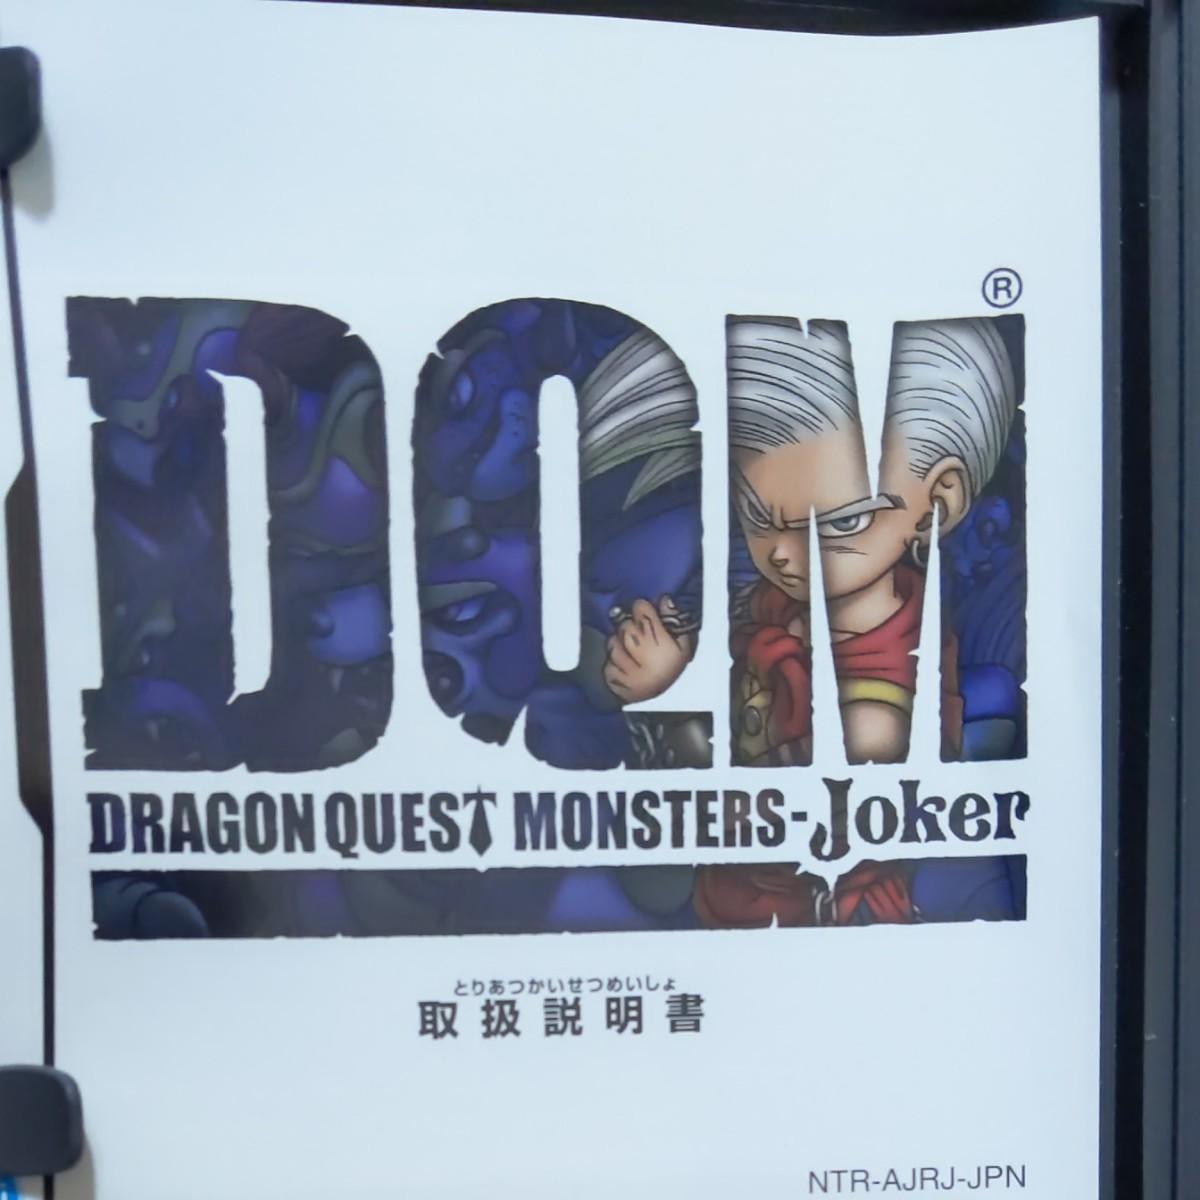 ドラゴンクエストモンスターズジョーカー